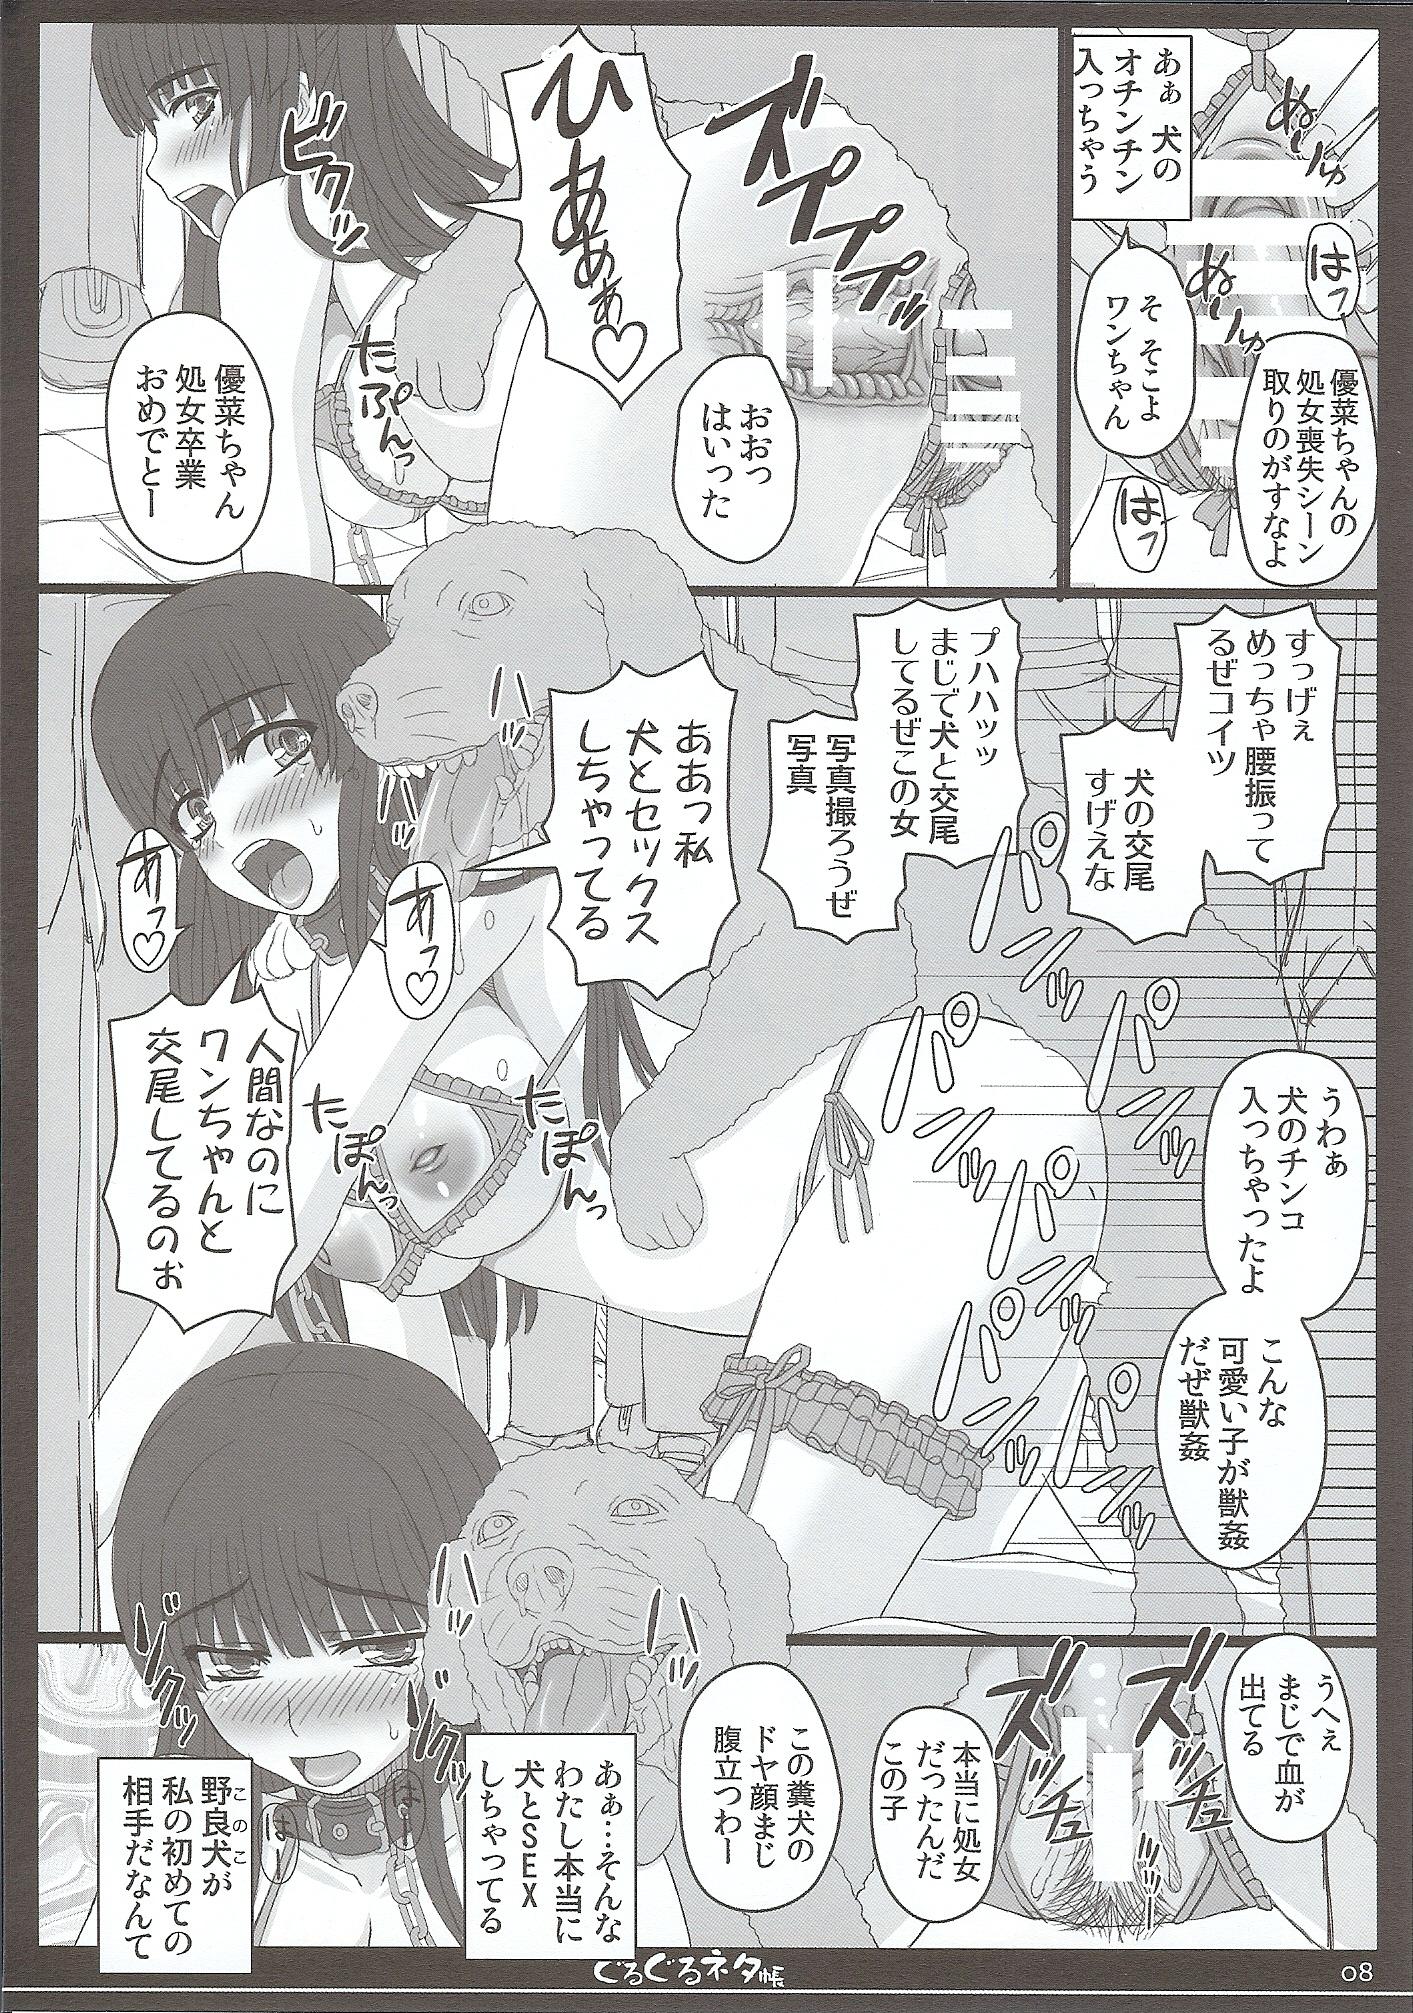 【エロ漫画・エロ同人誌】巨乳女子校生が野良犬とセックスして処女喪失www (7)